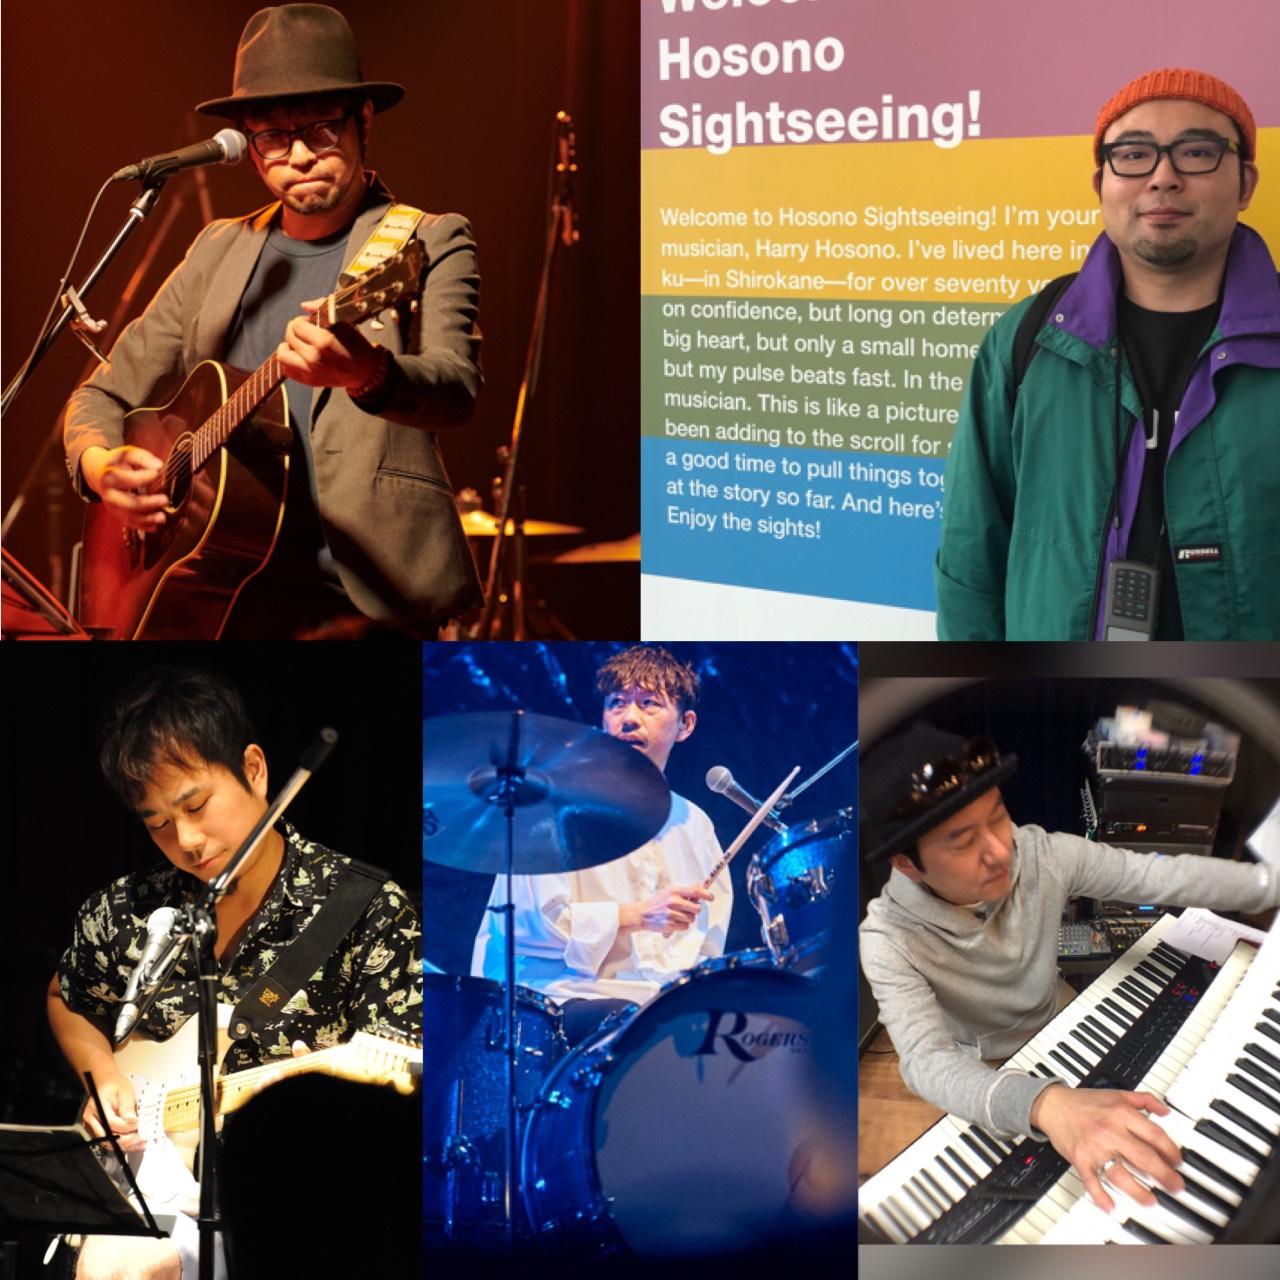 【入場チケット】 名盤全曲やりたい楽団 Vol.1 〜HOSONO HOUSE / 細野晴臣〜